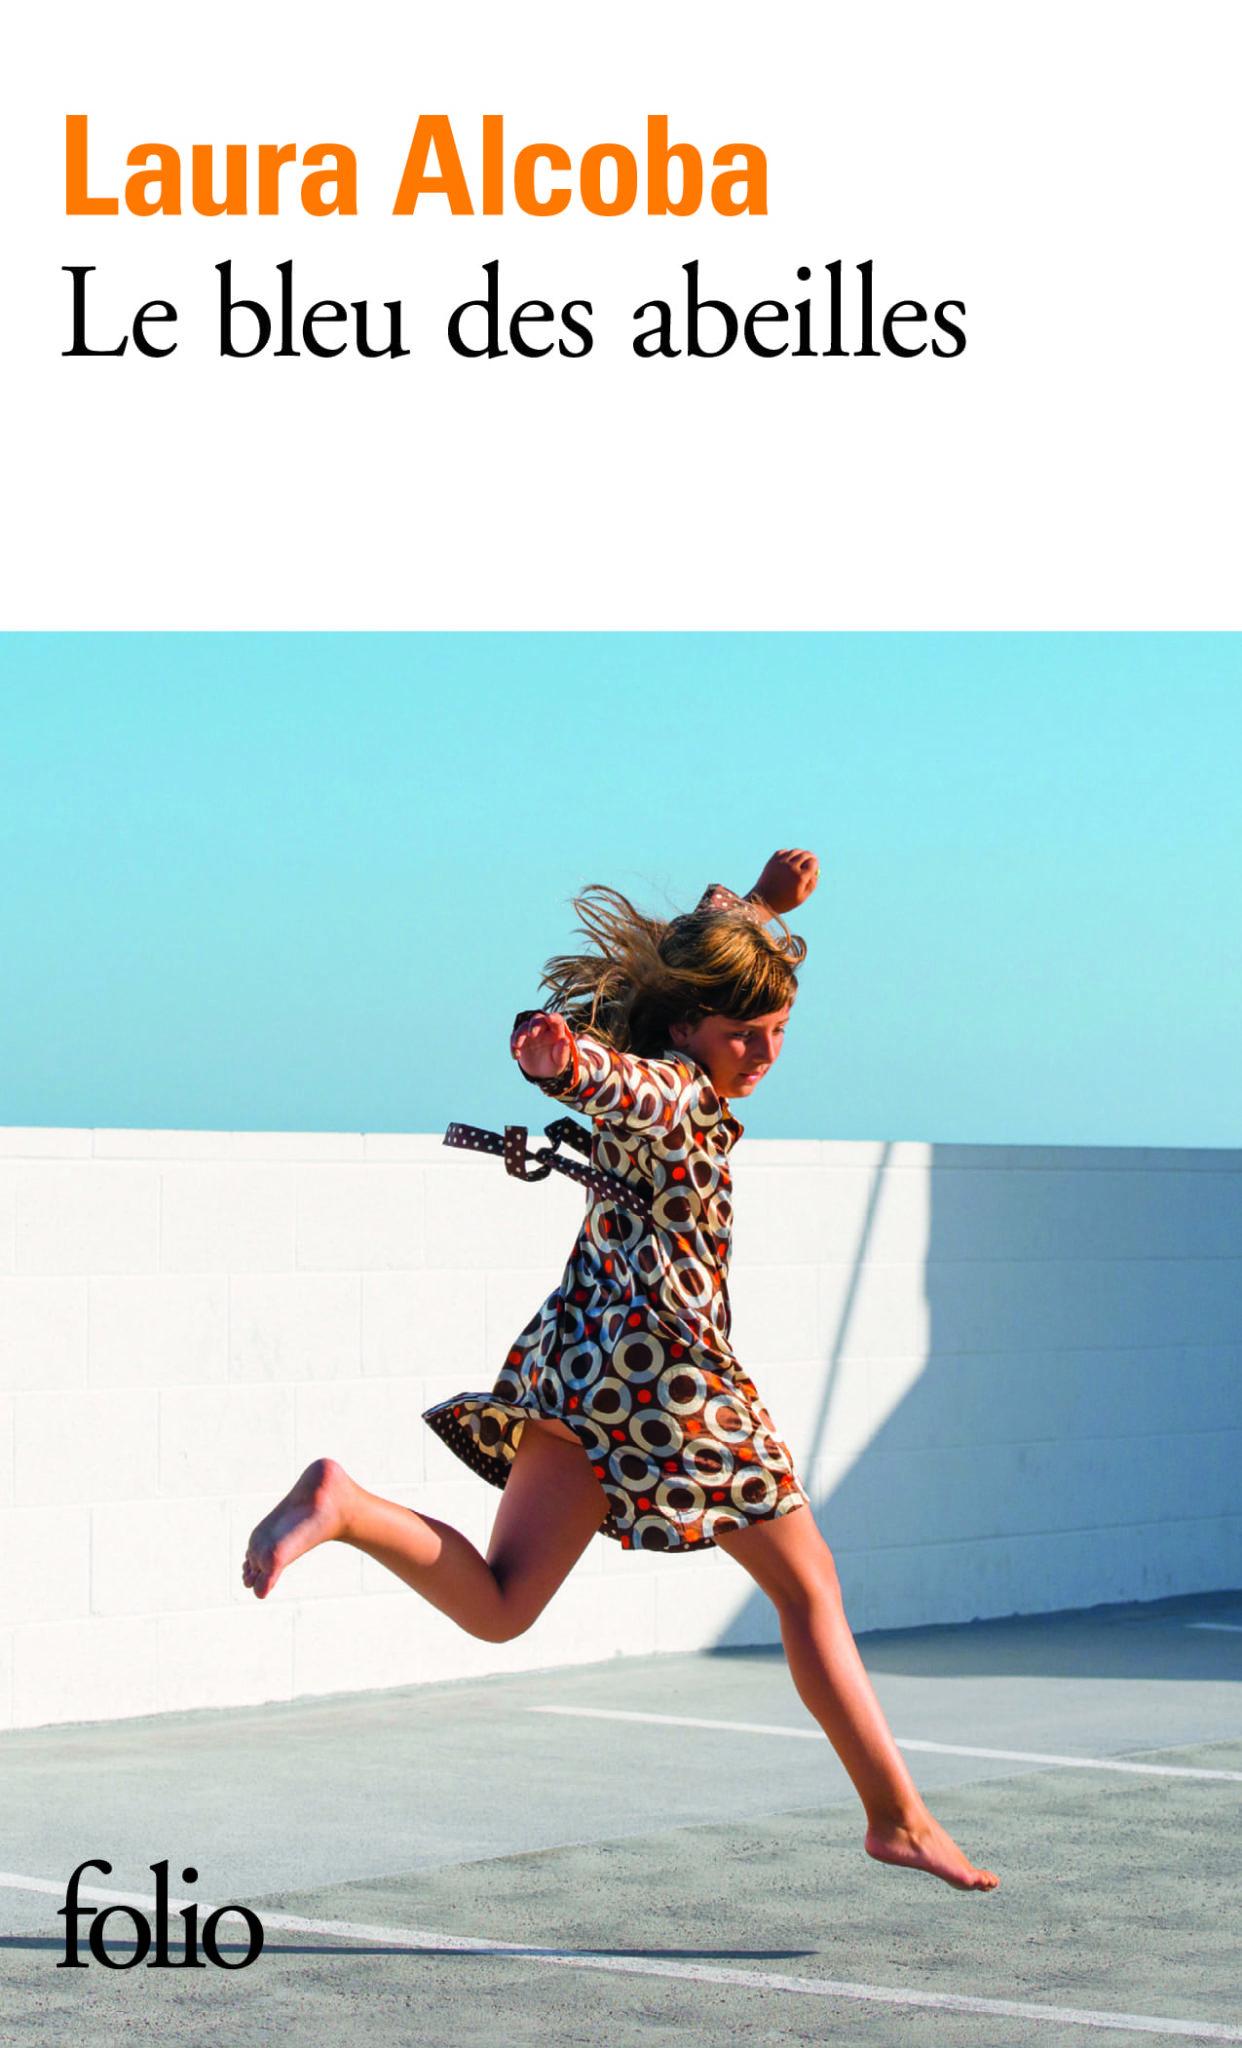 Le bleu des abeilles de Laura Alcoba image couverture livre